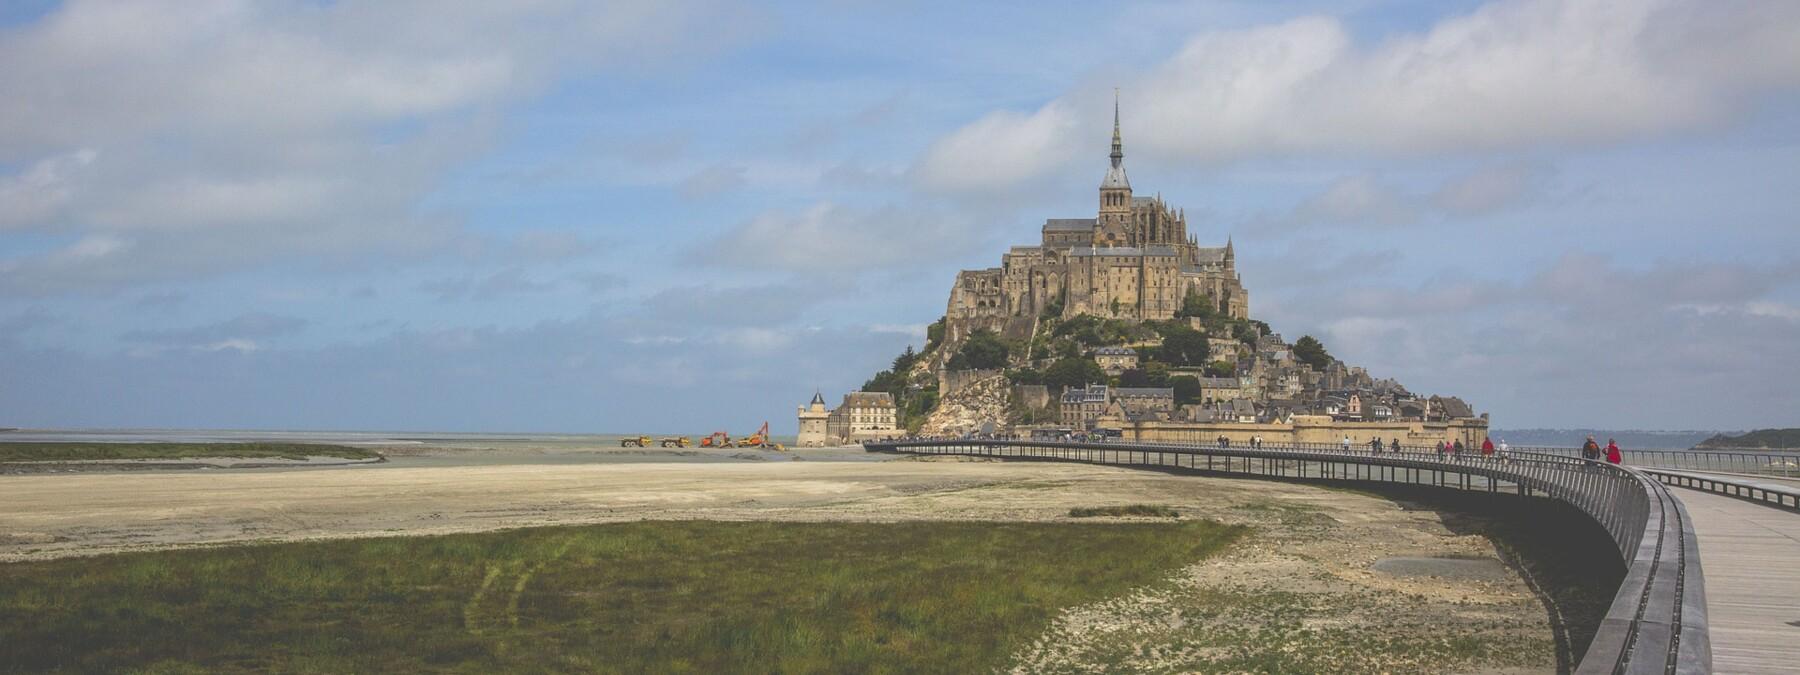 Basse-Normandie, Calvados, Orne, Cotentin et baie du Mont-Saint-Michel